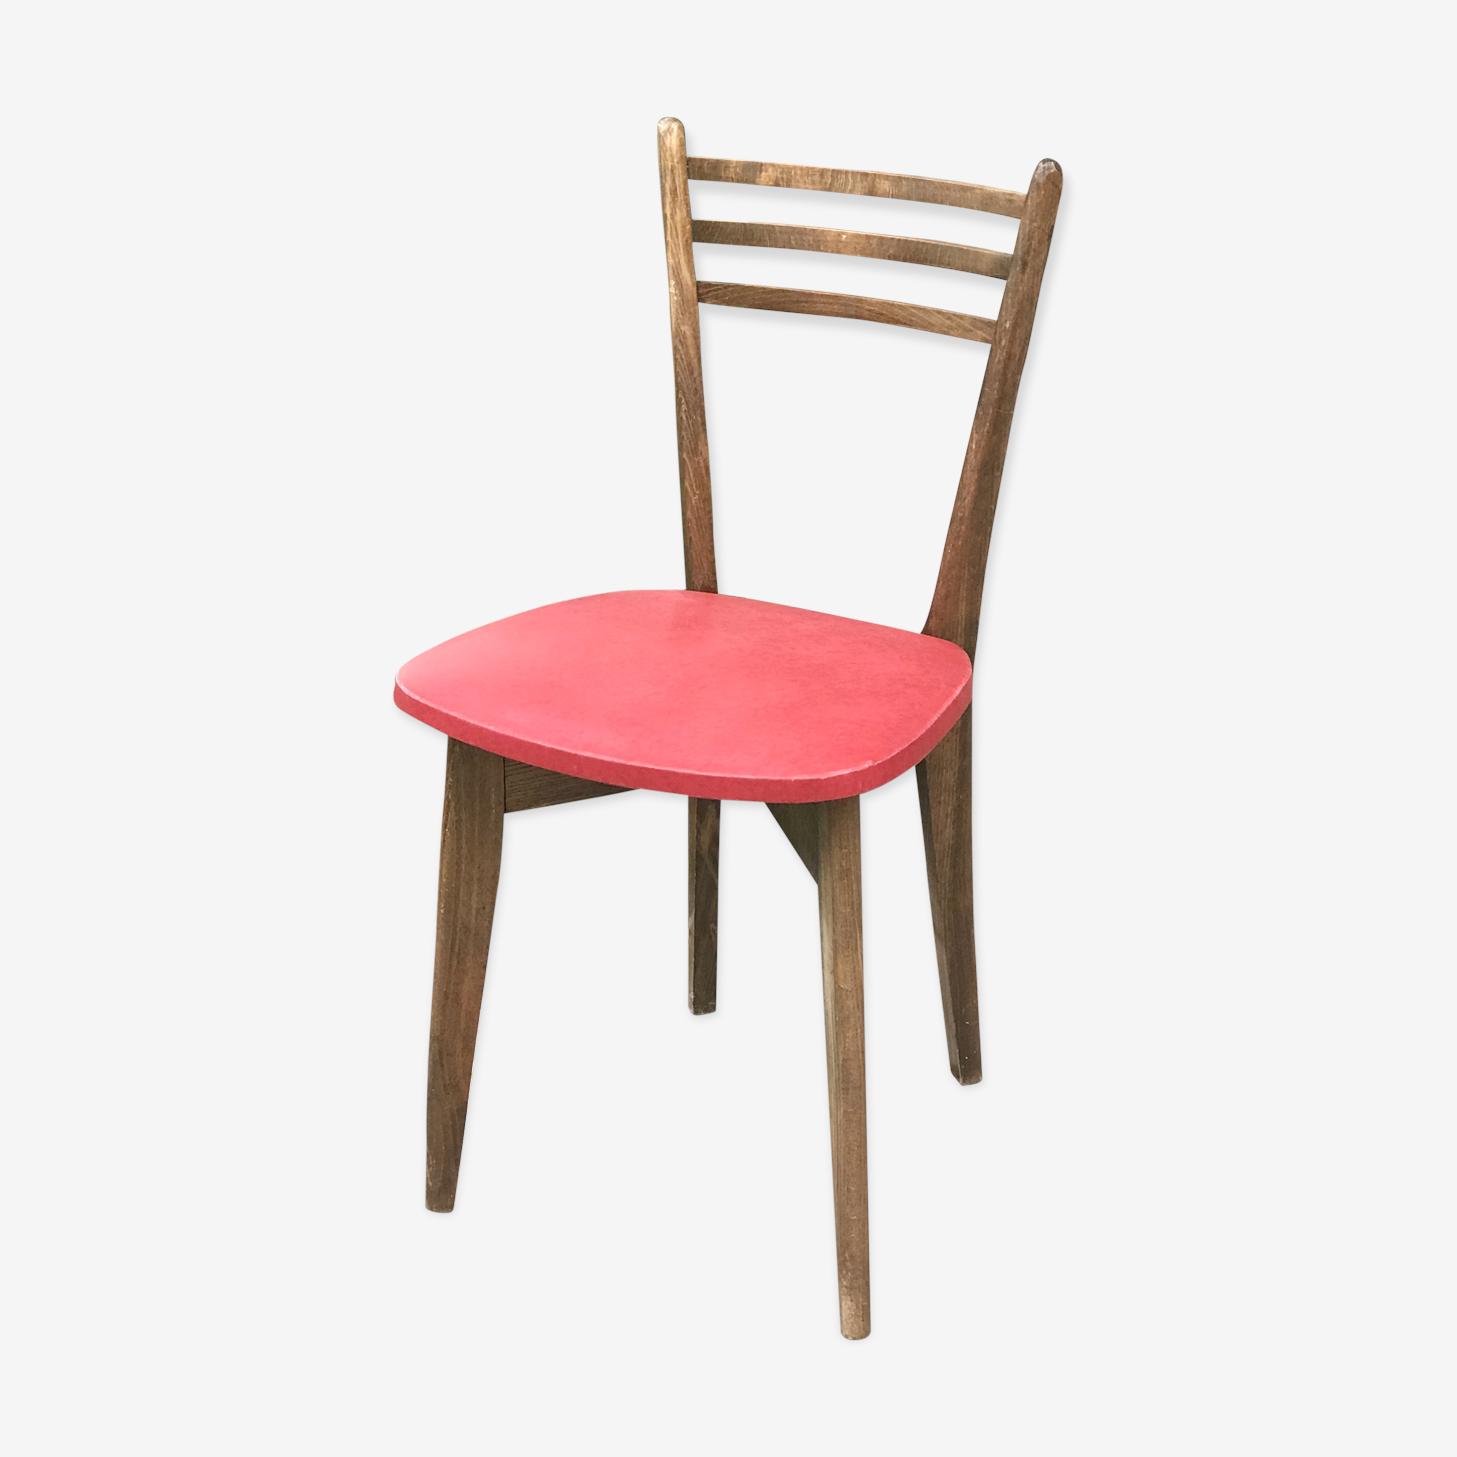 Beech chair 50s